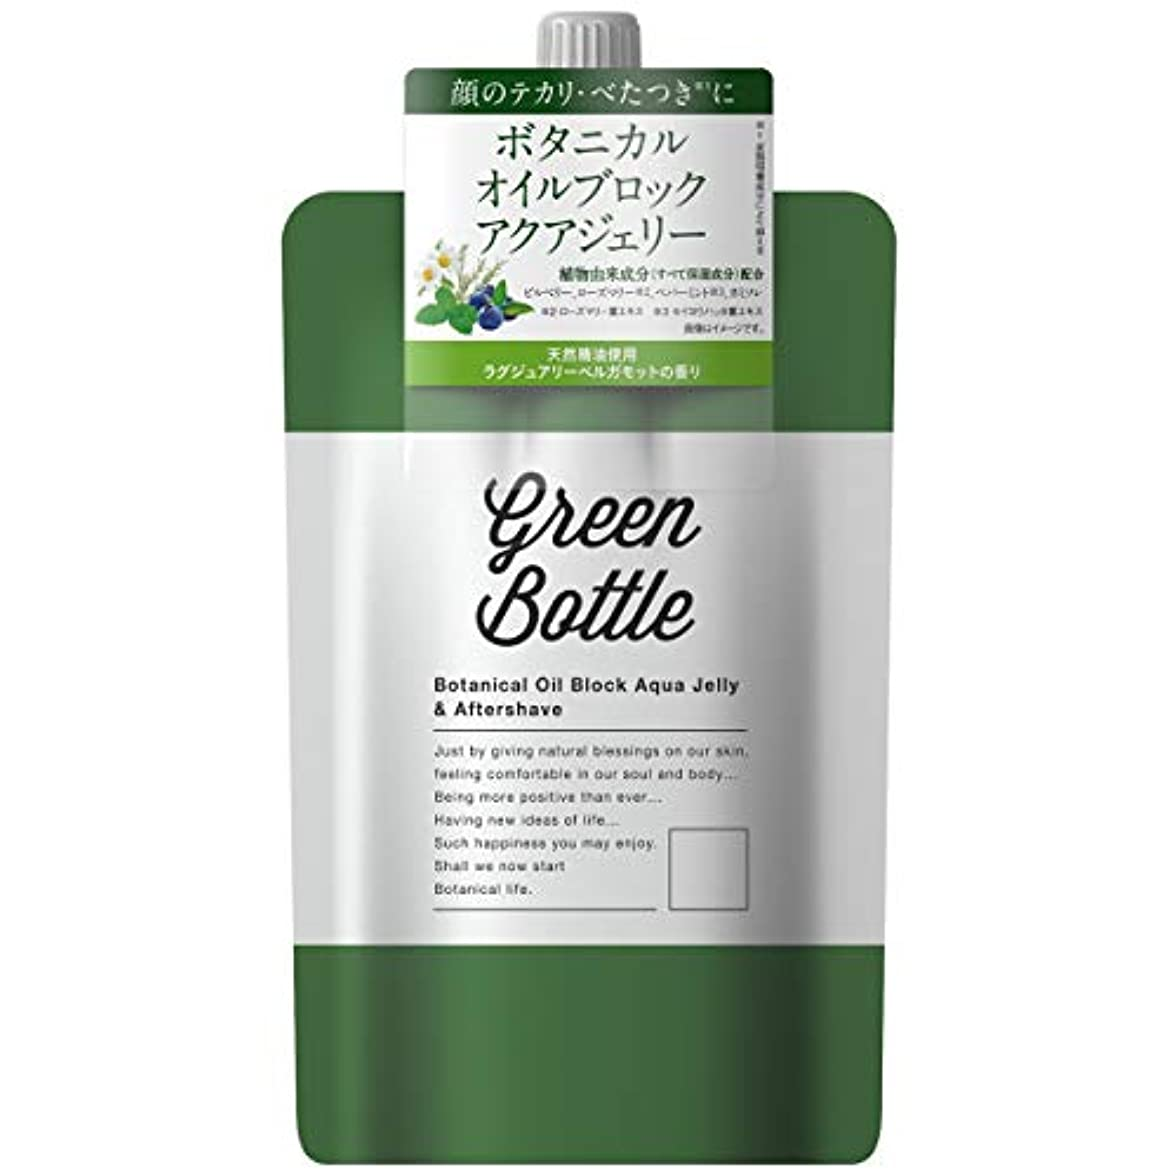 ライムかまどオーナメントグリーンボトルボタニカル グリーンボトル ボタニカルオイルブロックアクアジェリー 化粧水 ラグジュアリーベルガモットの香り 150g